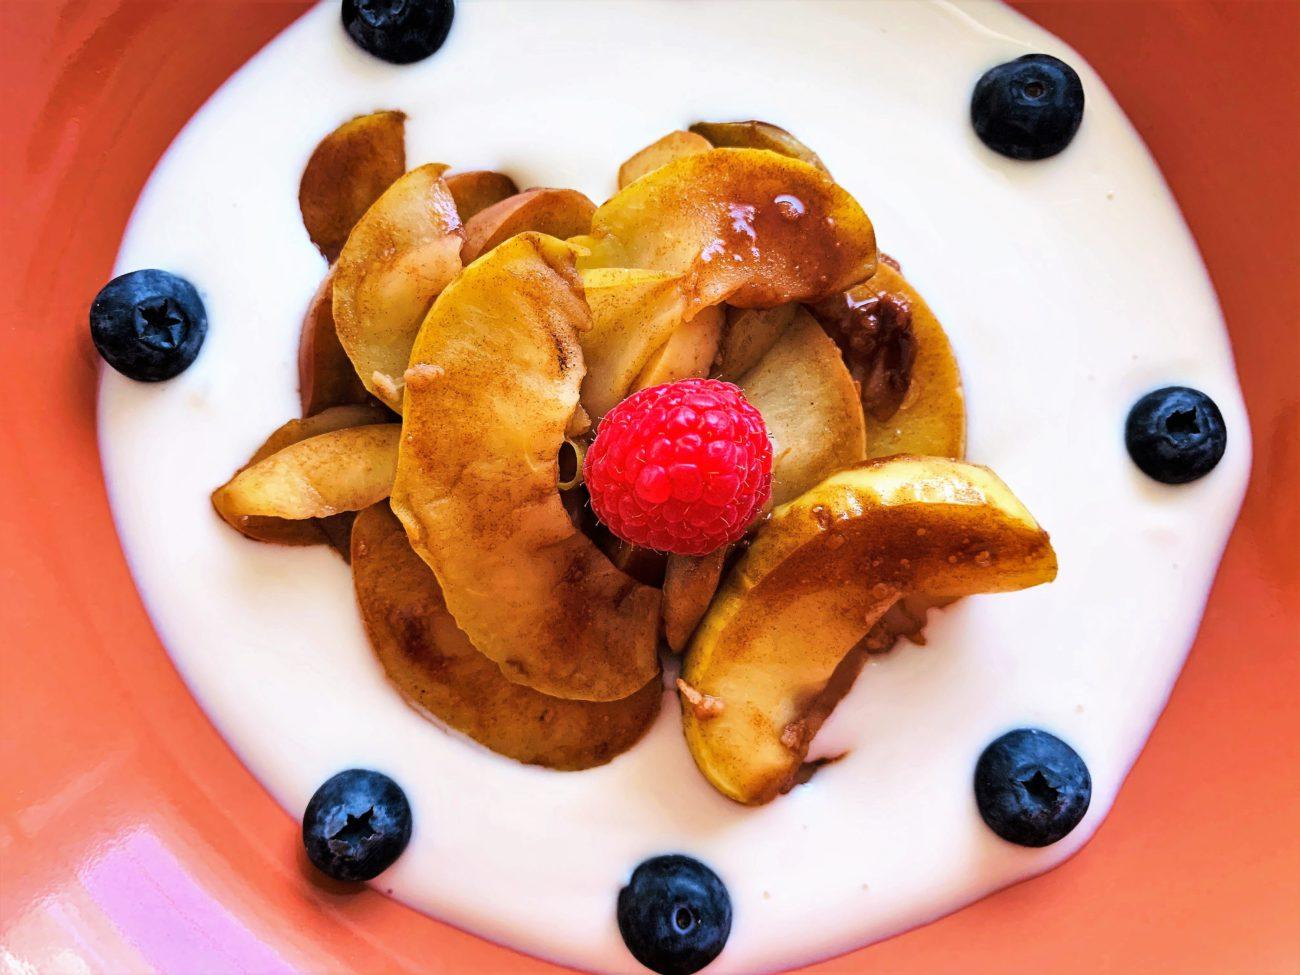 Gember-kaneel appeltjes ontbijt/snack